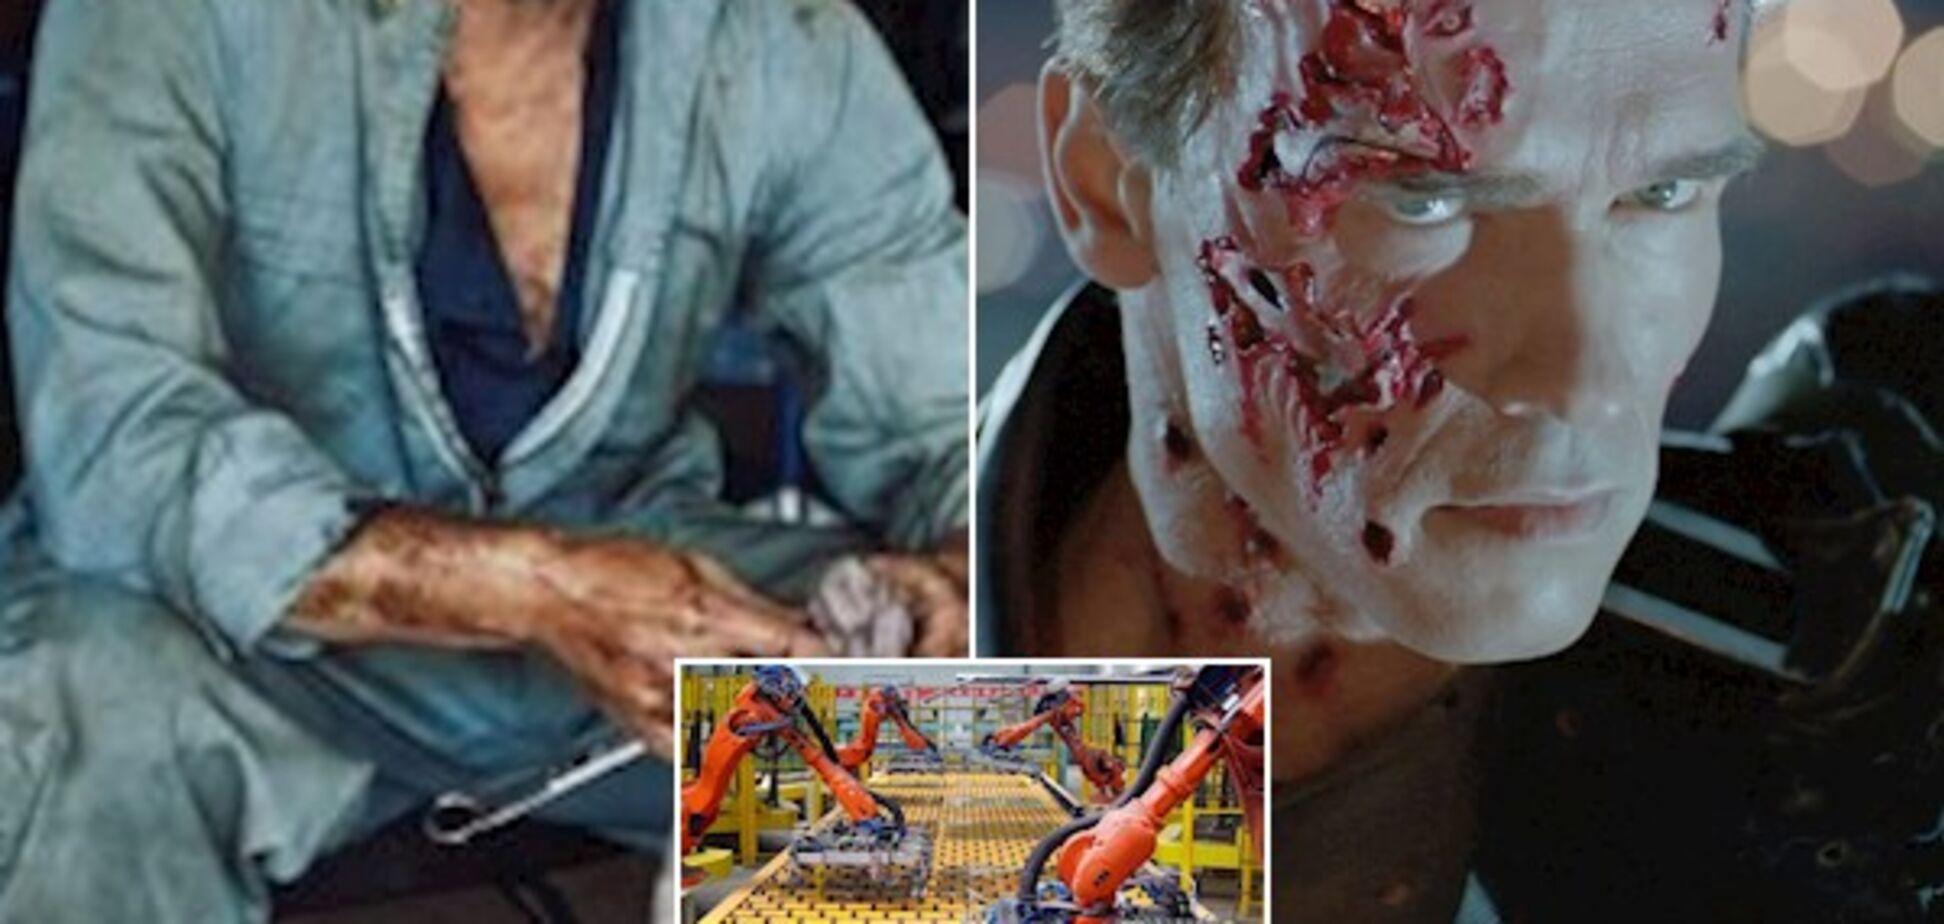 Роботи наступають: які професії зникнуть в Україні